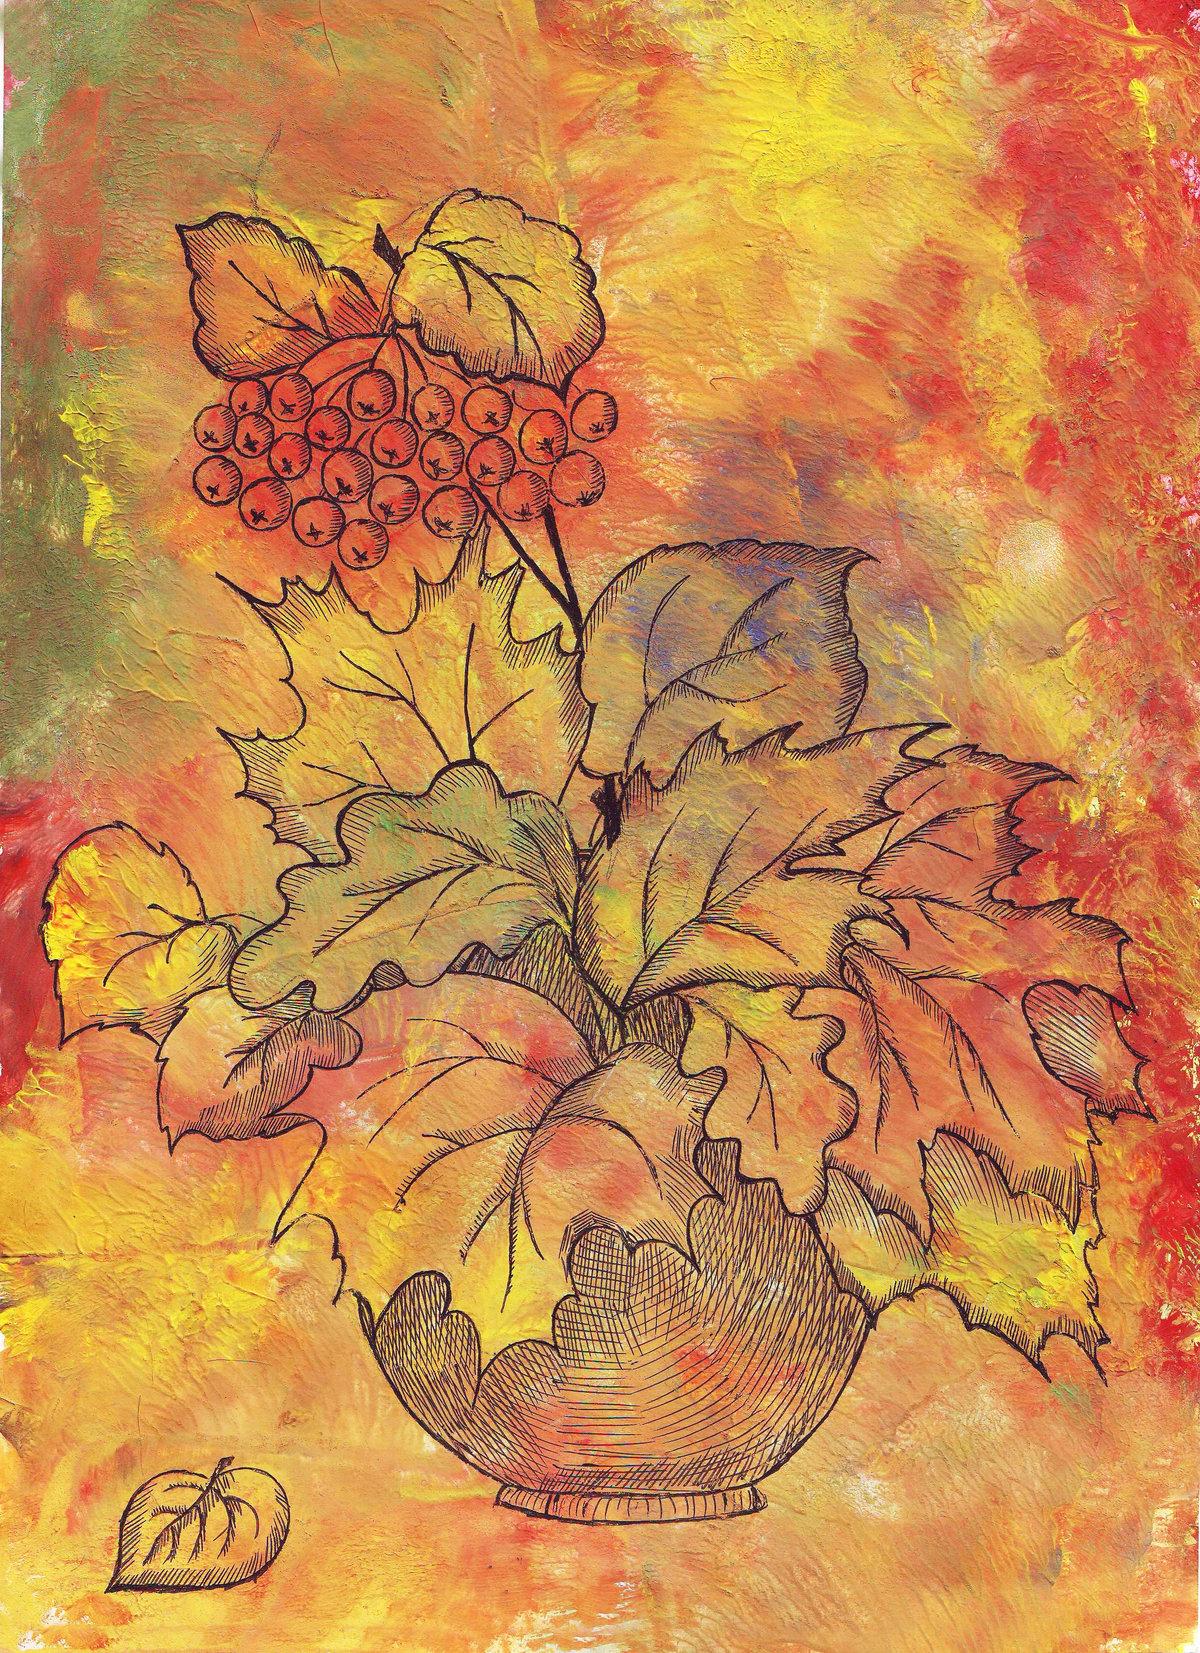 Осенний картинки для срисовки, картинки